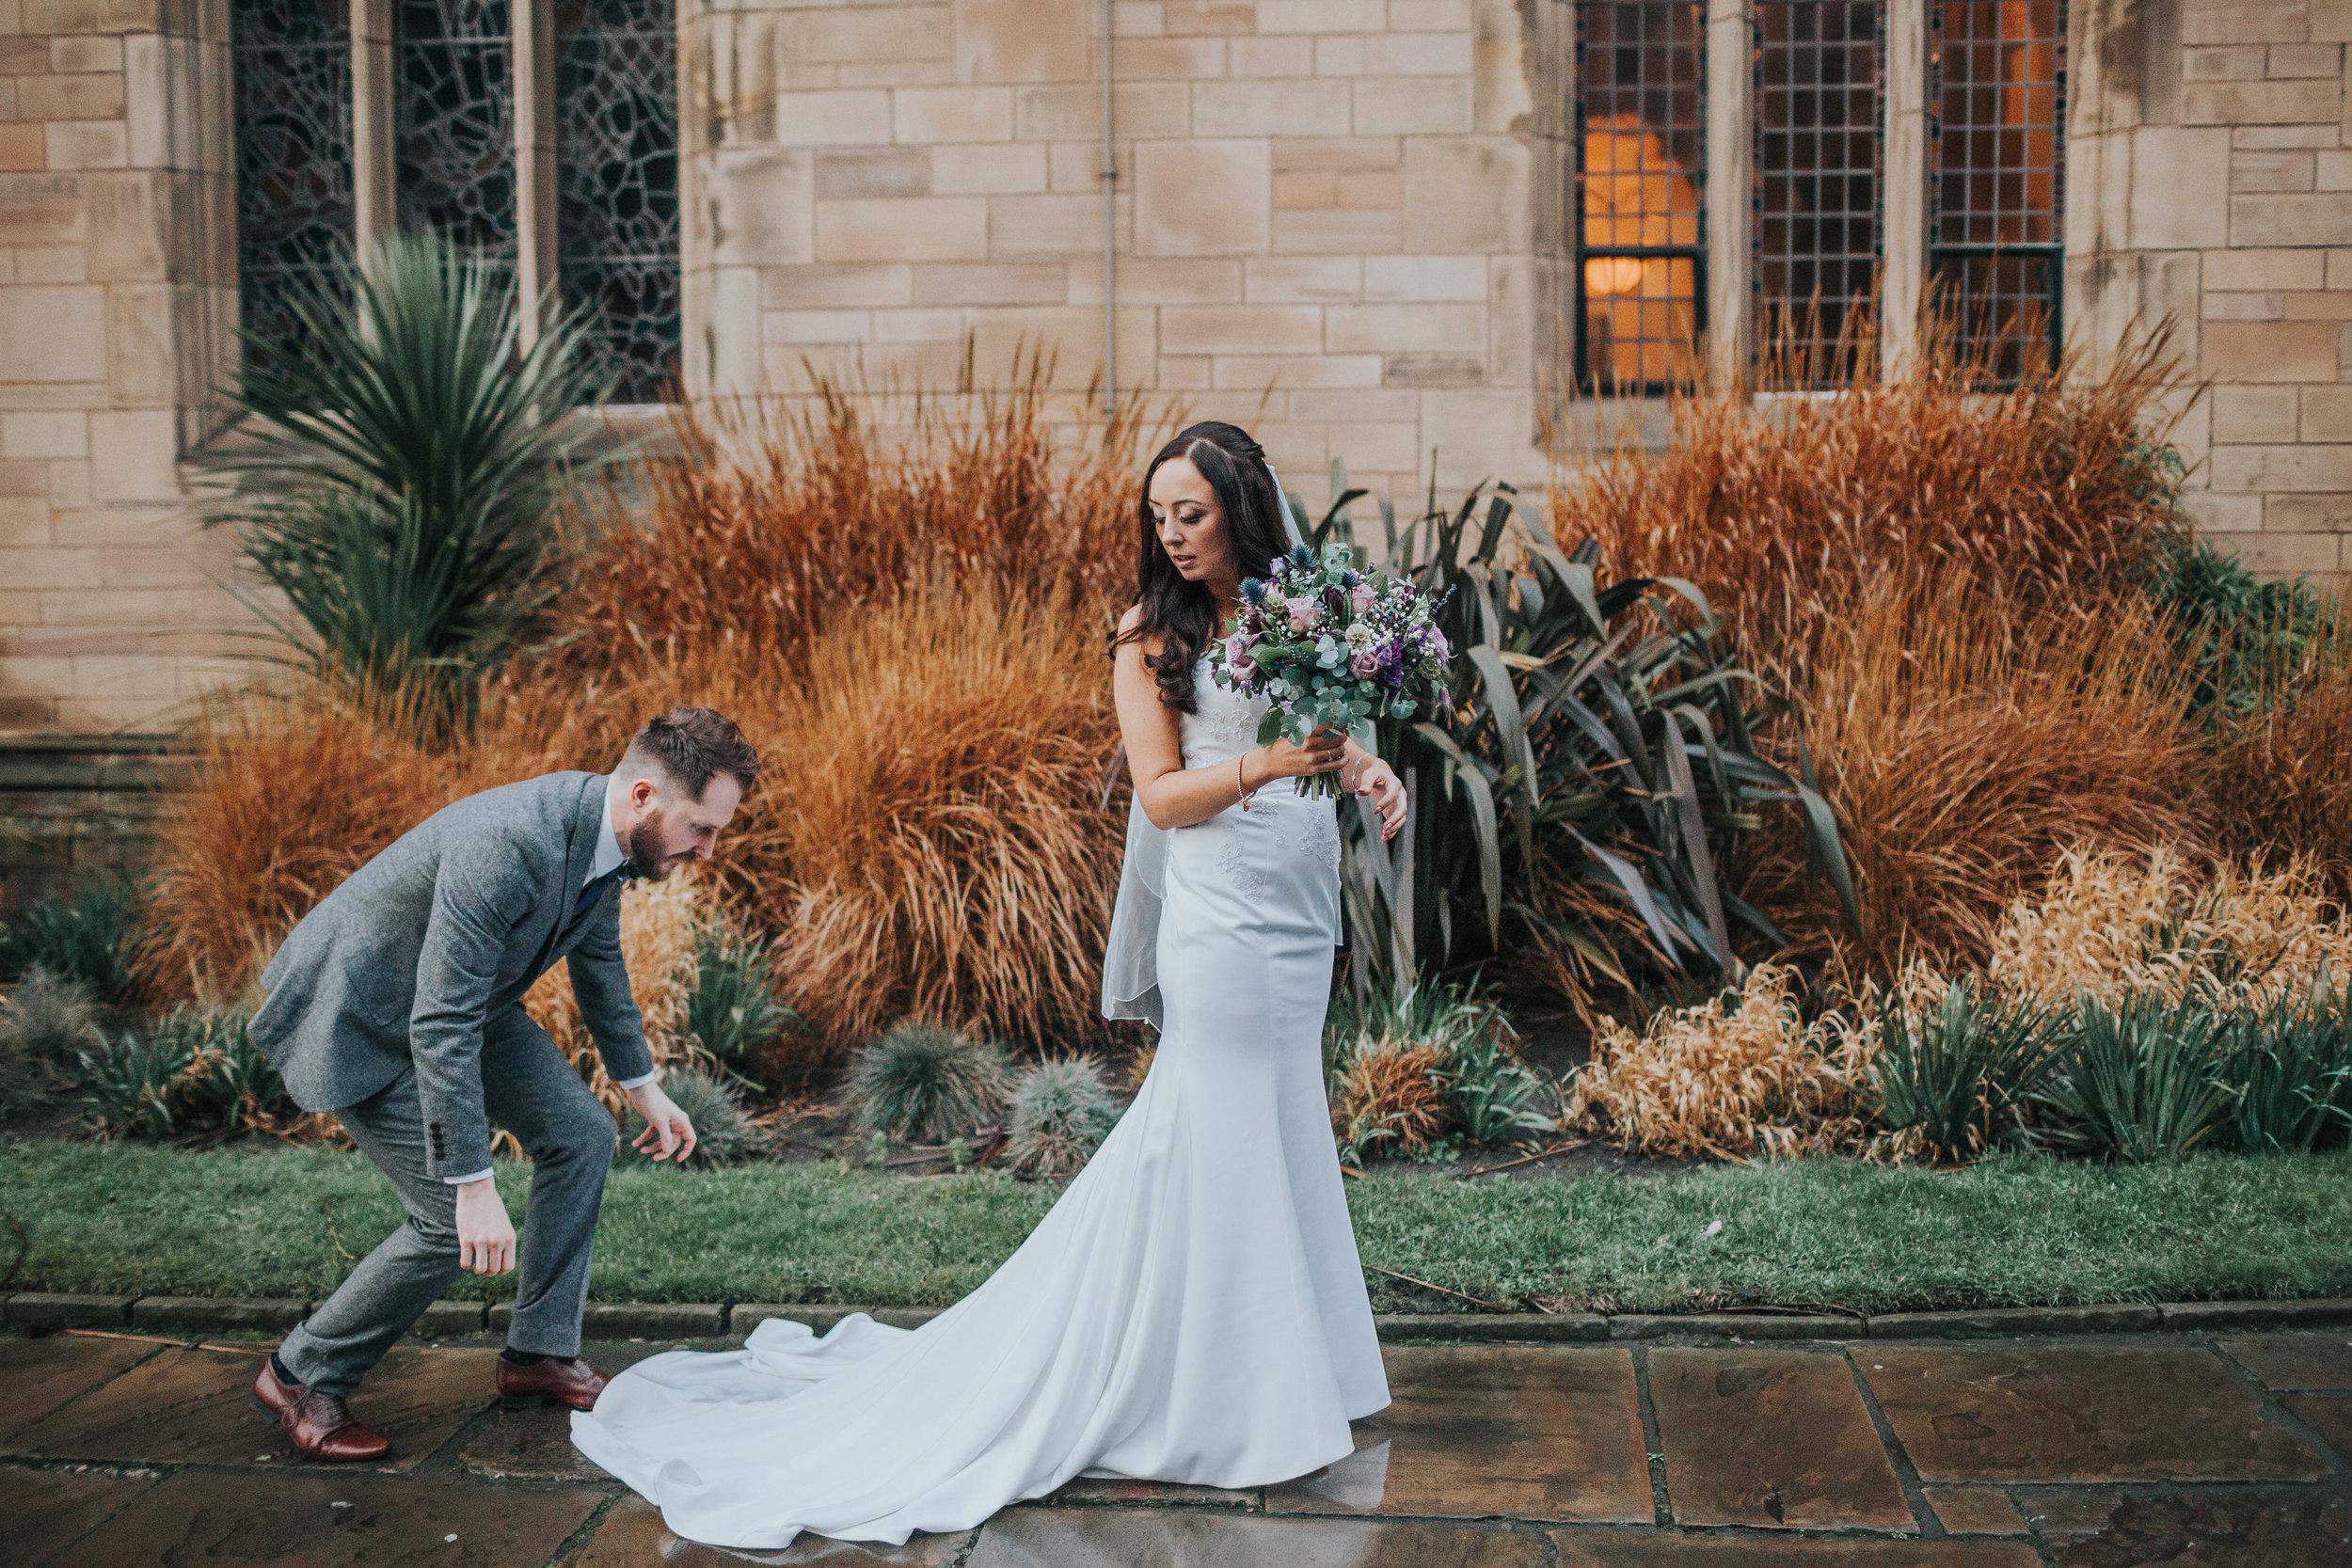 Groom fixes brides dress